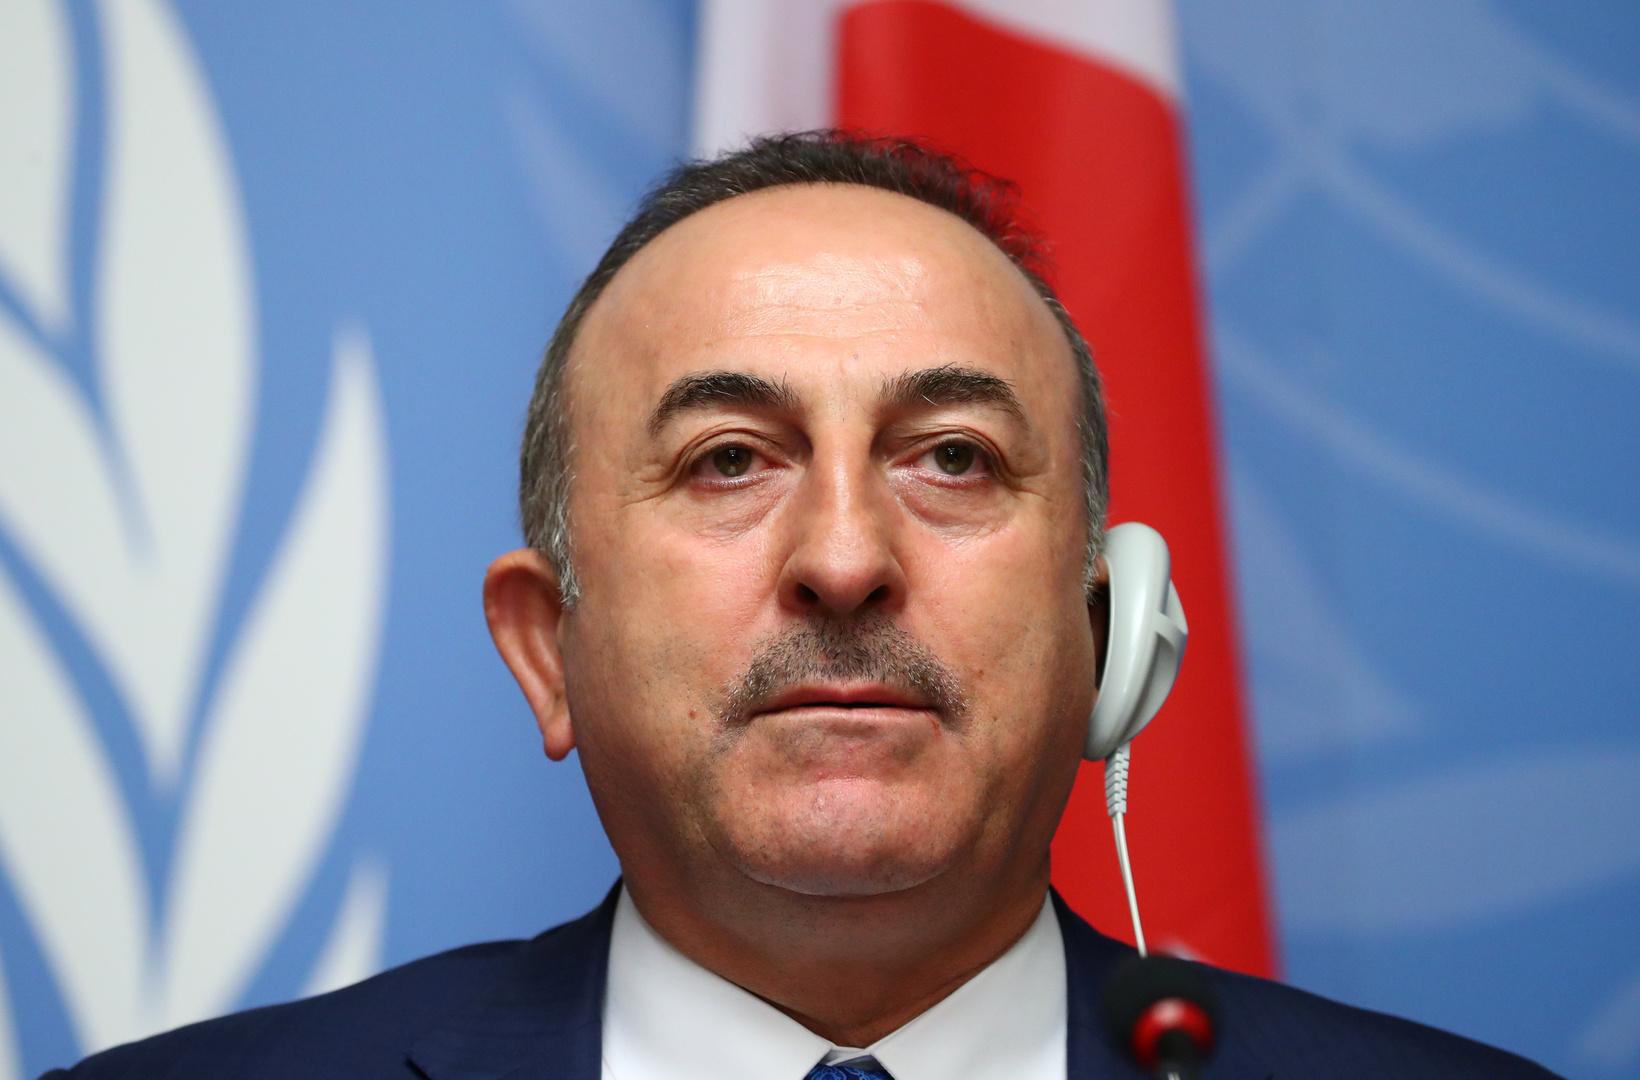 تركيا: نؤيد سحب المقاتلين الأجانب من ليبيا لكن لا يجب أن تتدخل دول أخرى في تطبيق اتفاقاتنا